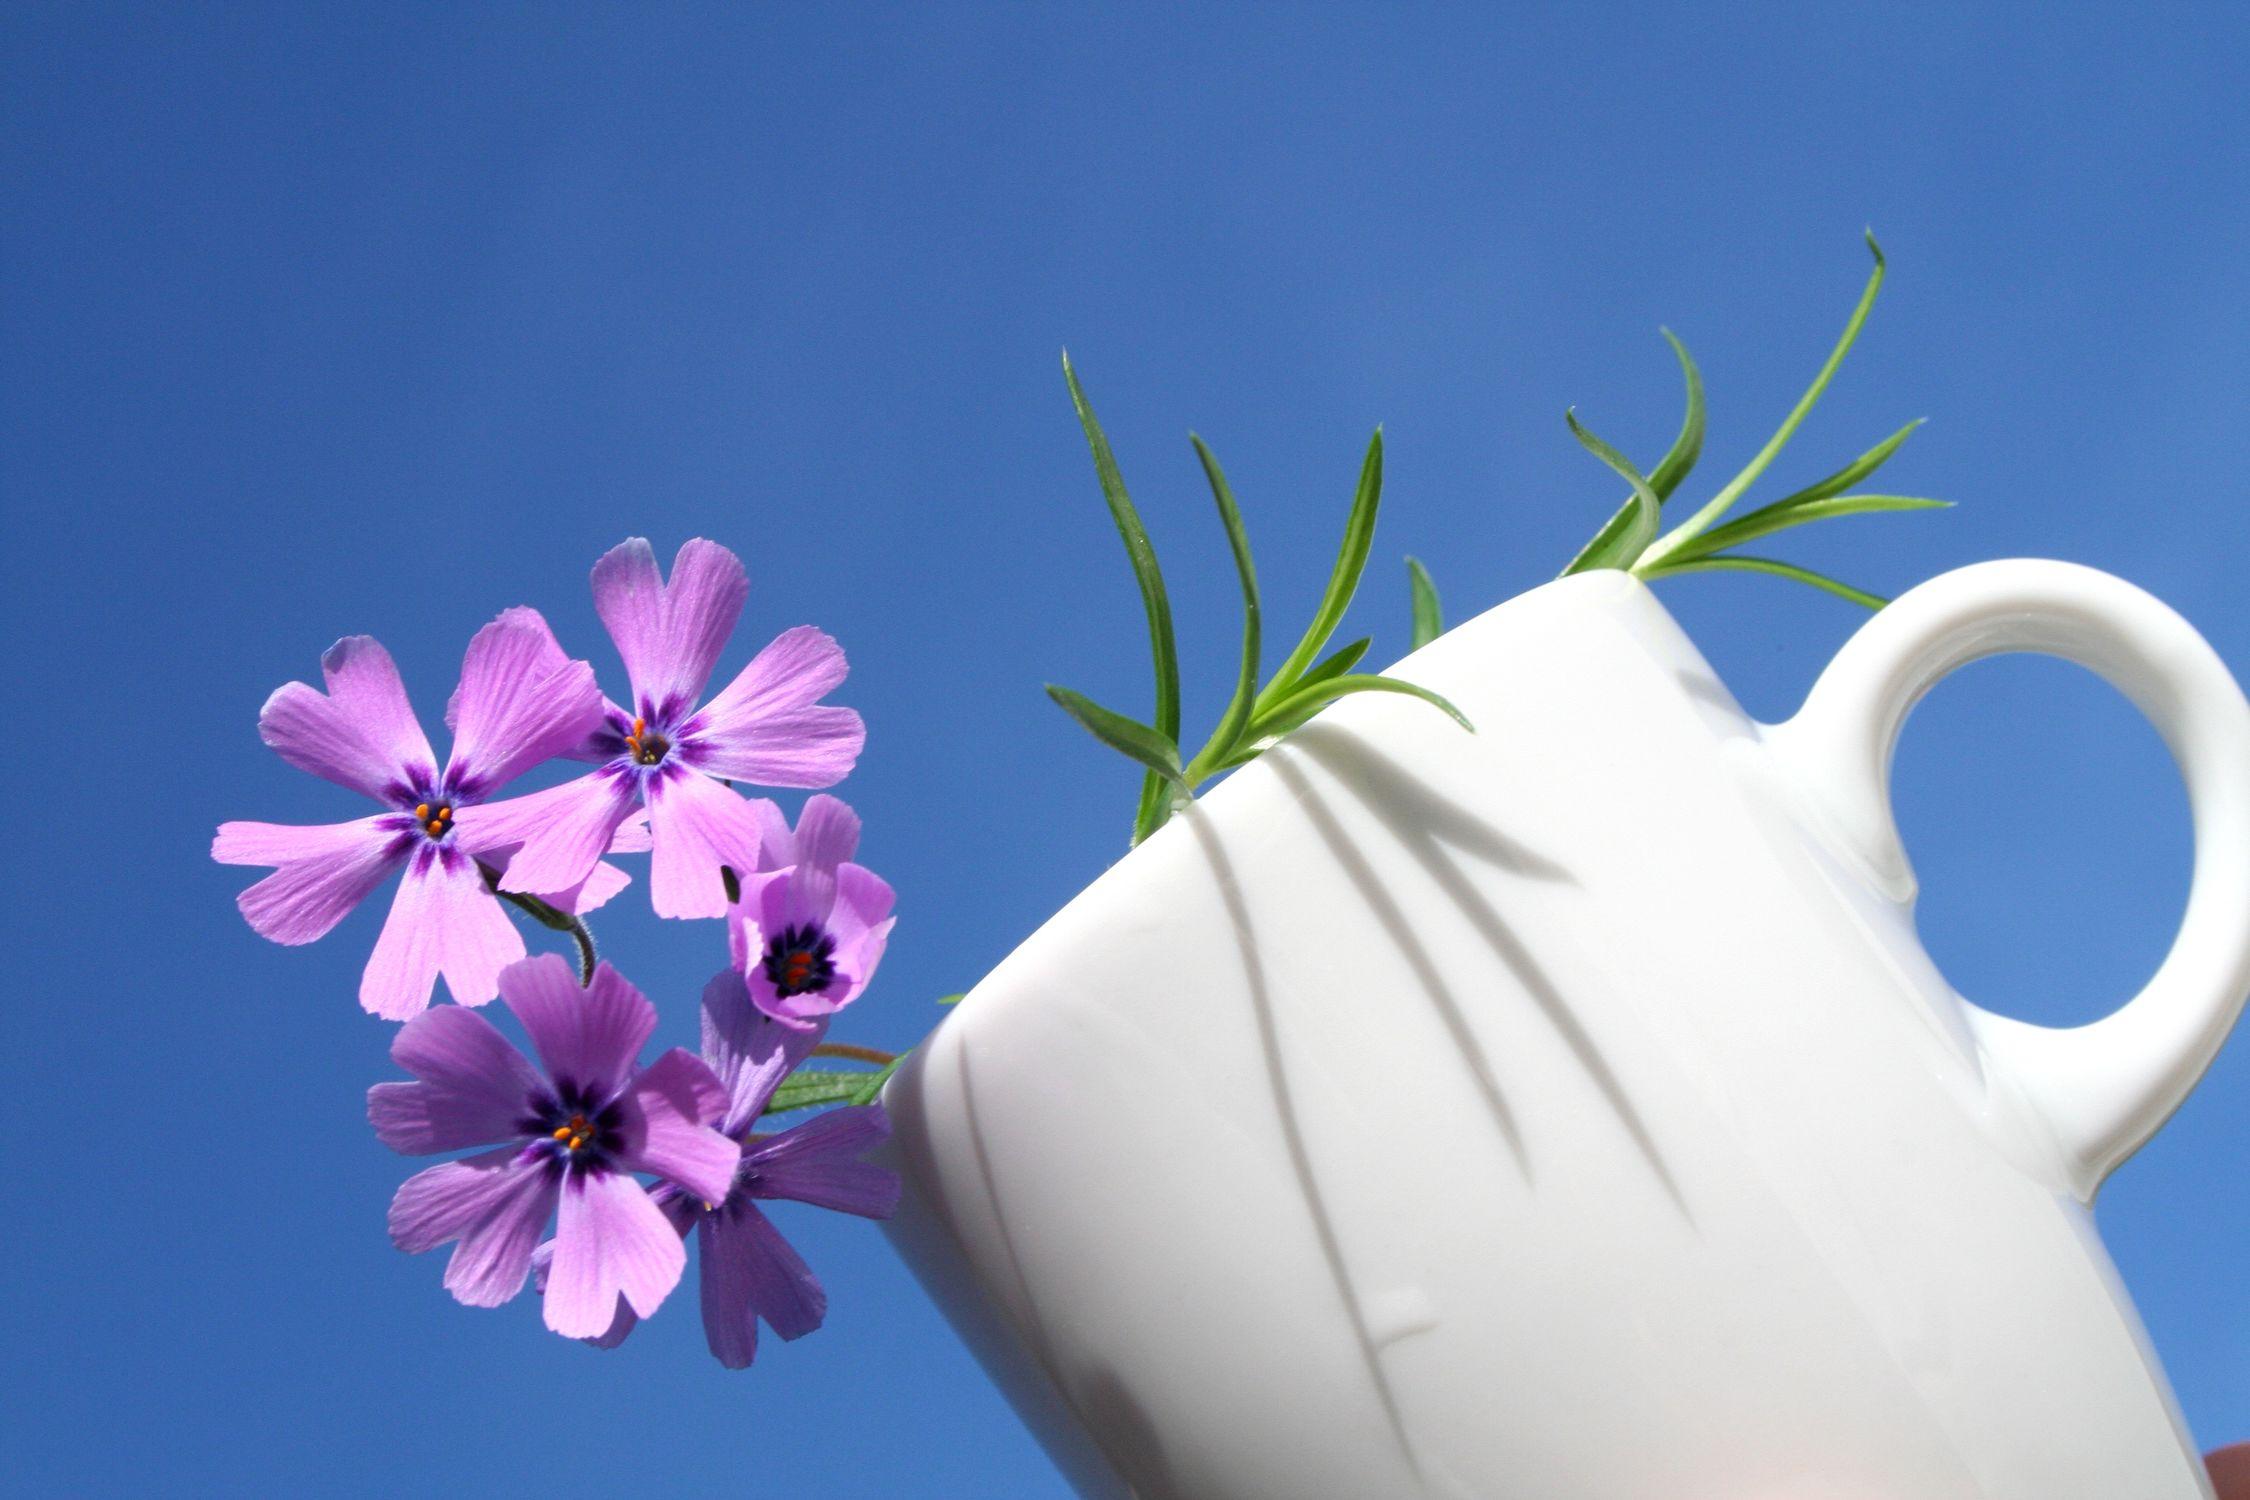 Bild mit Farben, Natur, Pflanzen, Himmel, Blumen, Rosa, Lila, Blau, Küchenbild, Küchenbilder, Küche